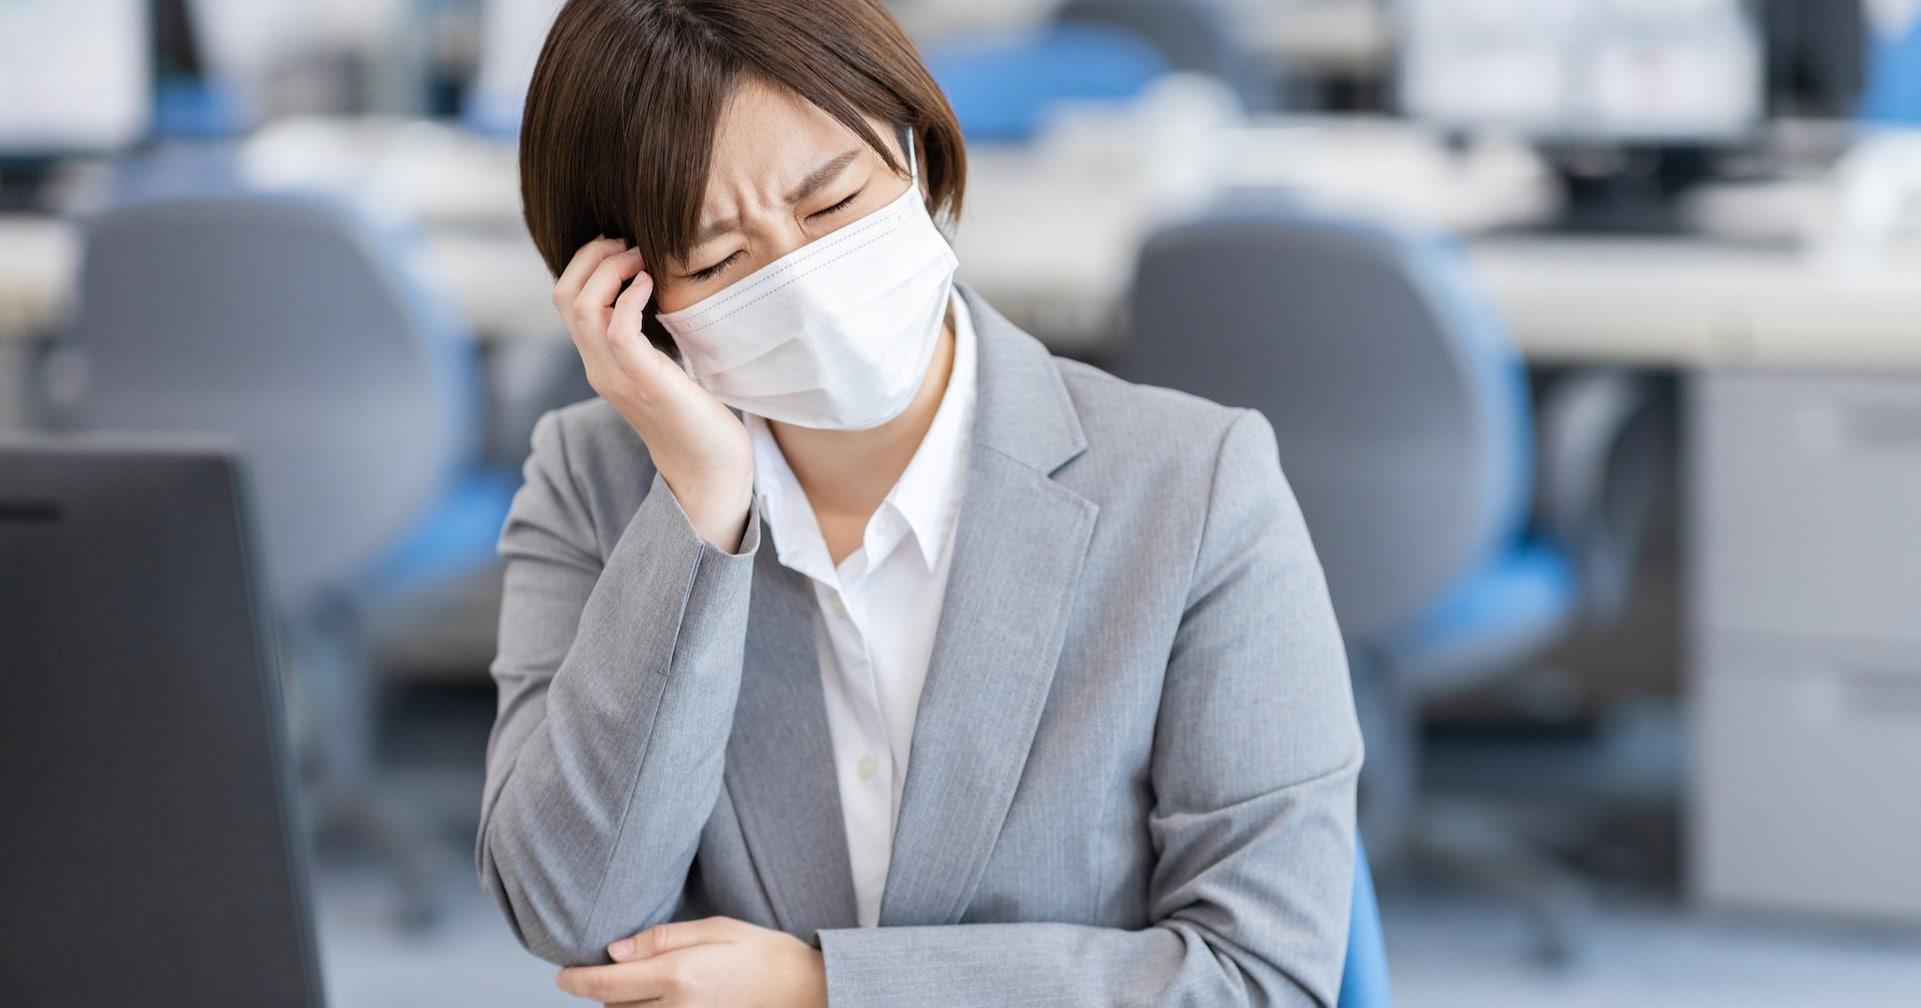 「体調が悪ければ学校や仕事を休める風習が普通なことになりますように」感染者が減ってきた今、ある内科医が感じることに共感の声が集まる